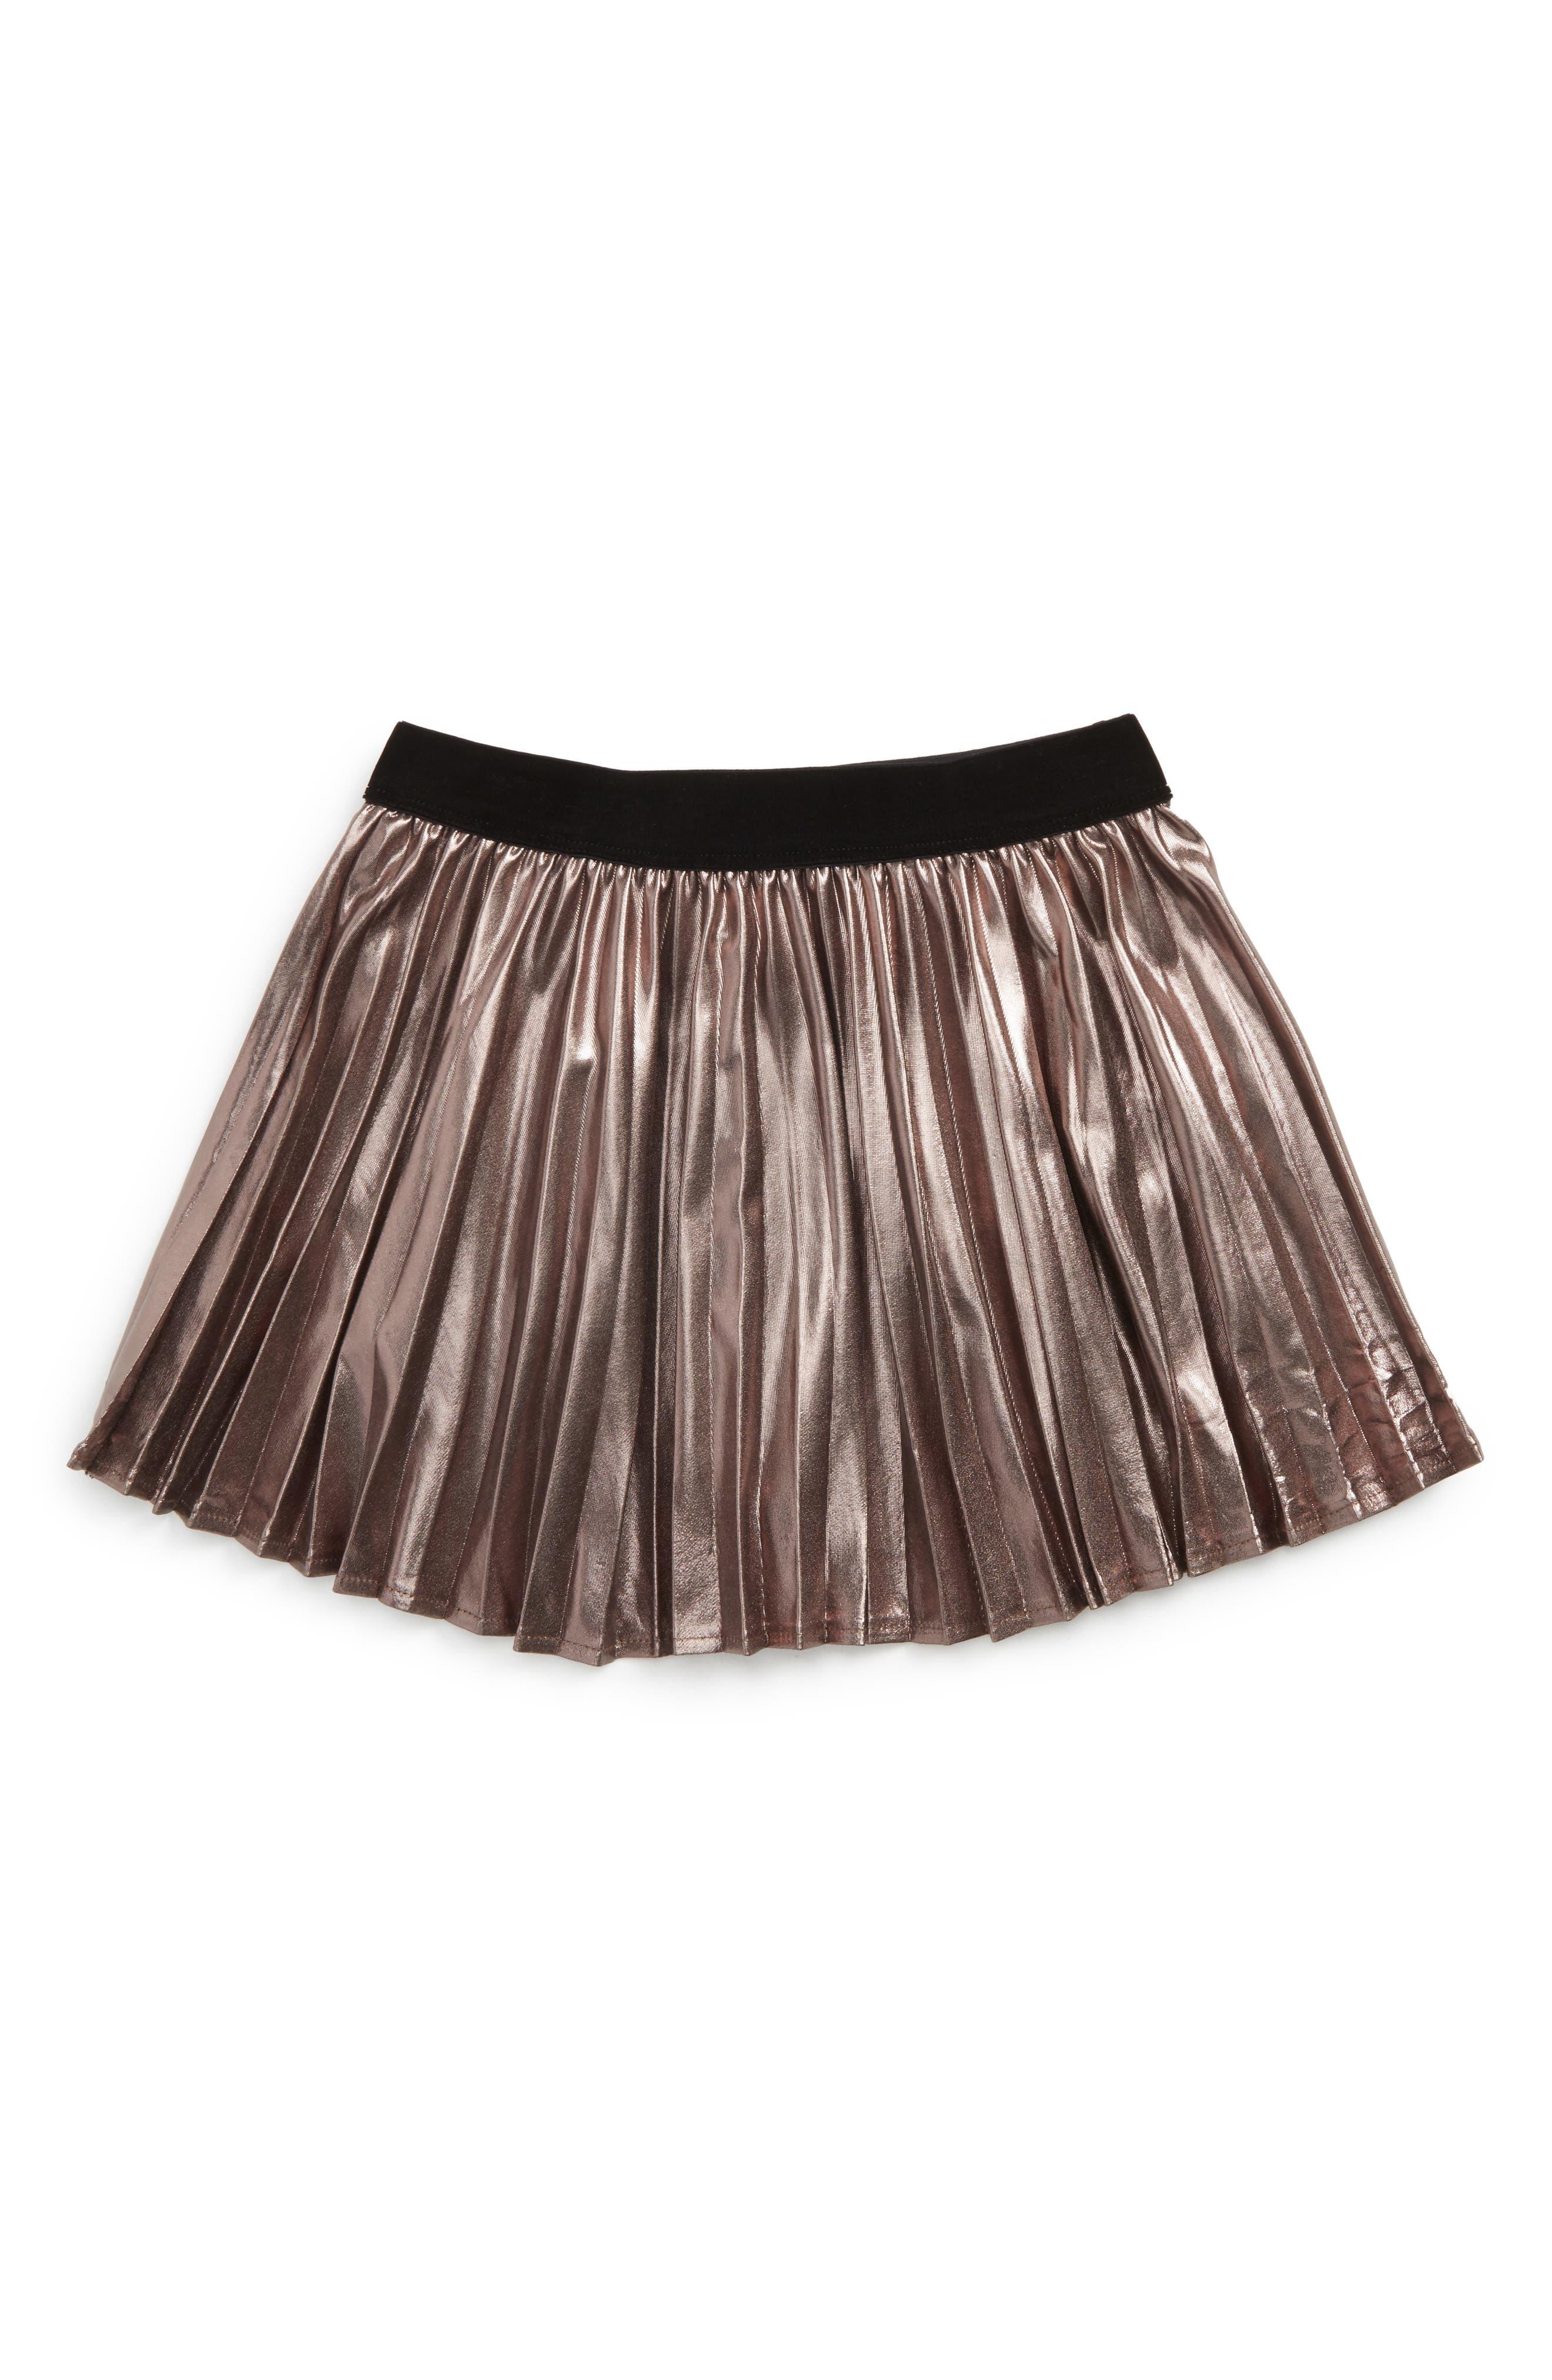 Wild Hearts Metallic Pleat Skirt,                         Main,                         color, 020